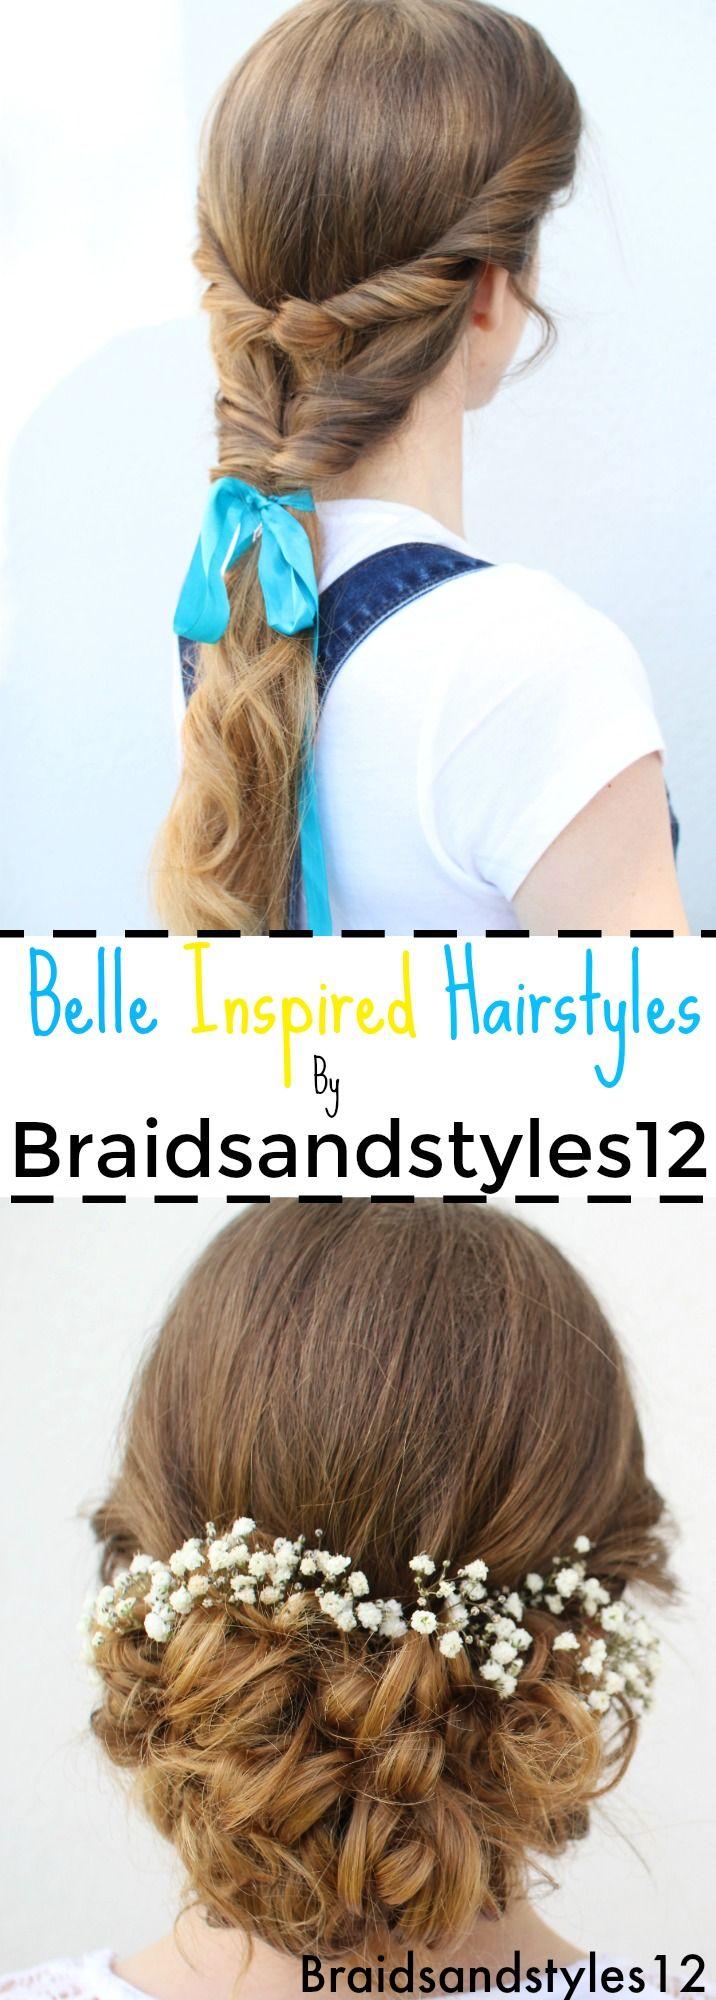 Braidsandstyles12 -   4 emma watson belle ideas